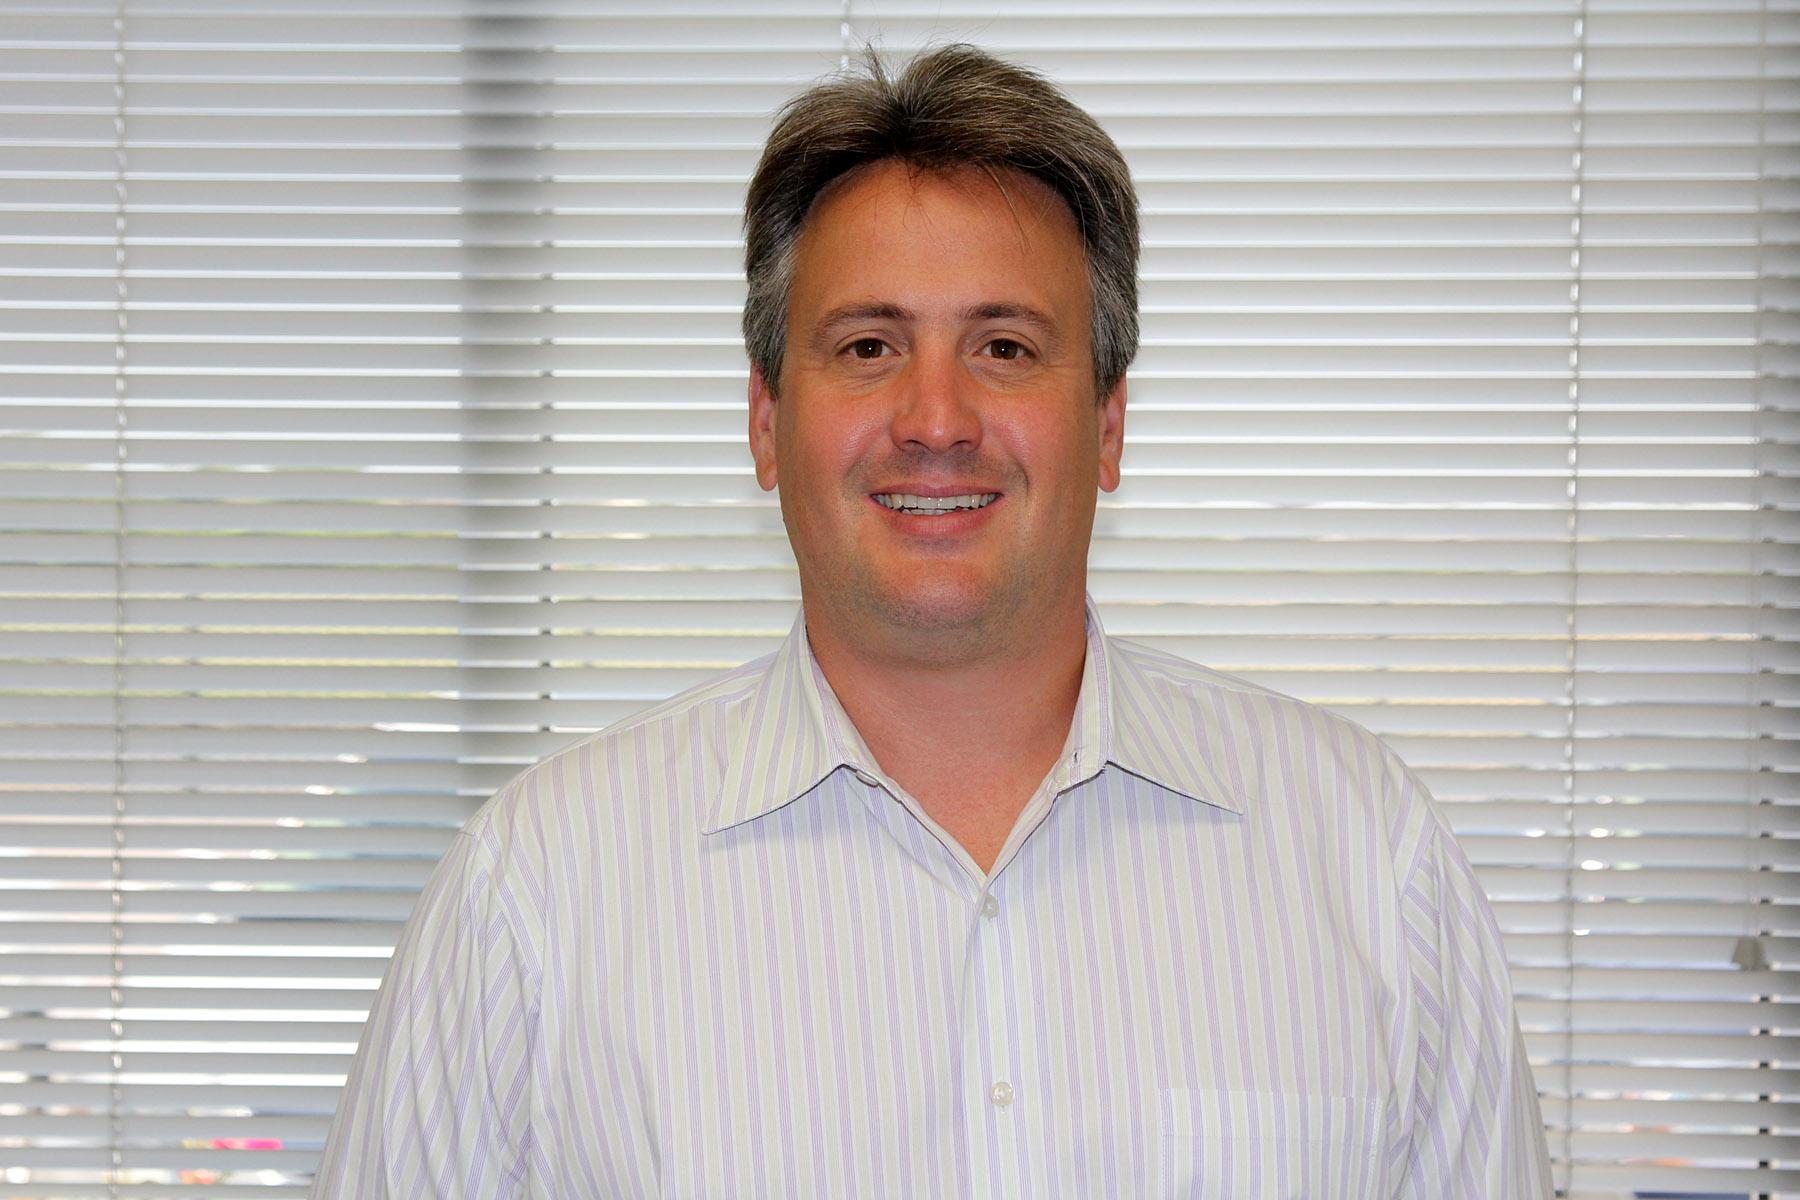 Gregg Speichinger